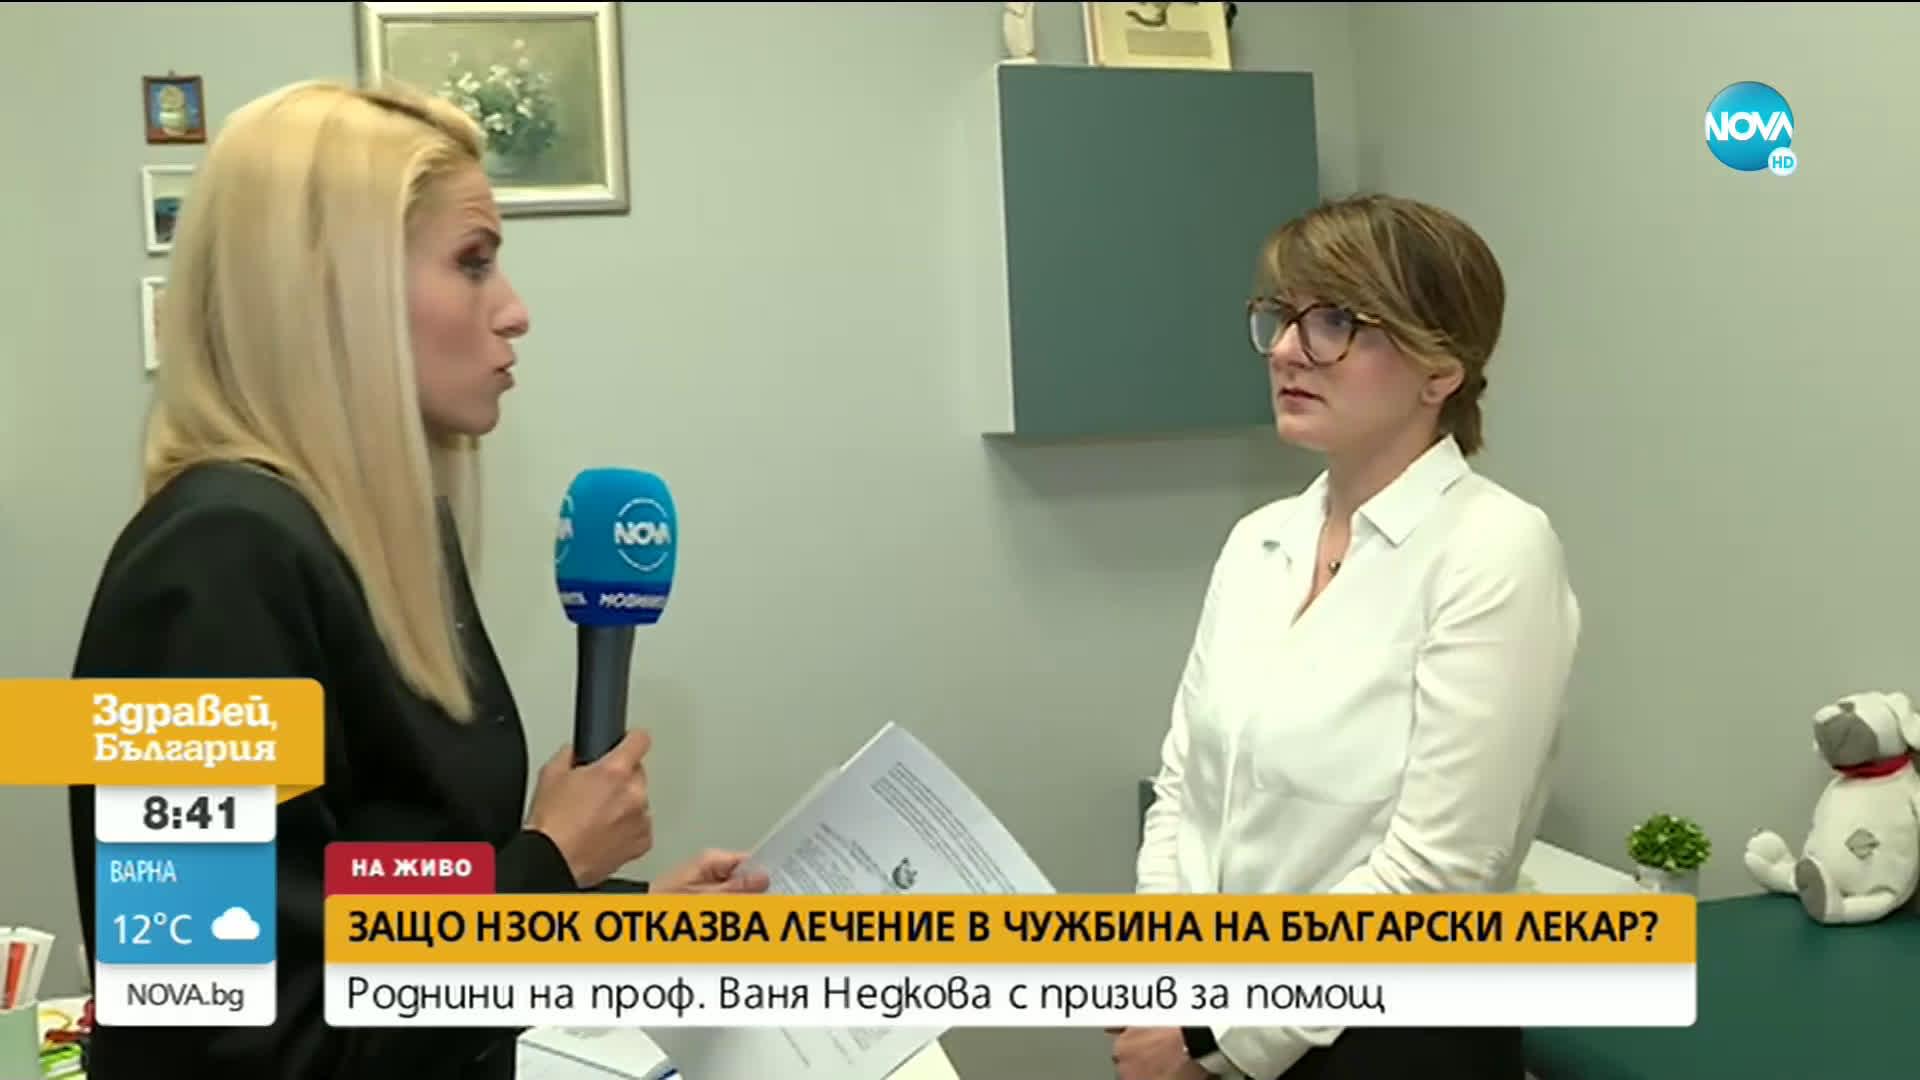 Защо НЗОК отказва лечение в чужбина на български лекар?